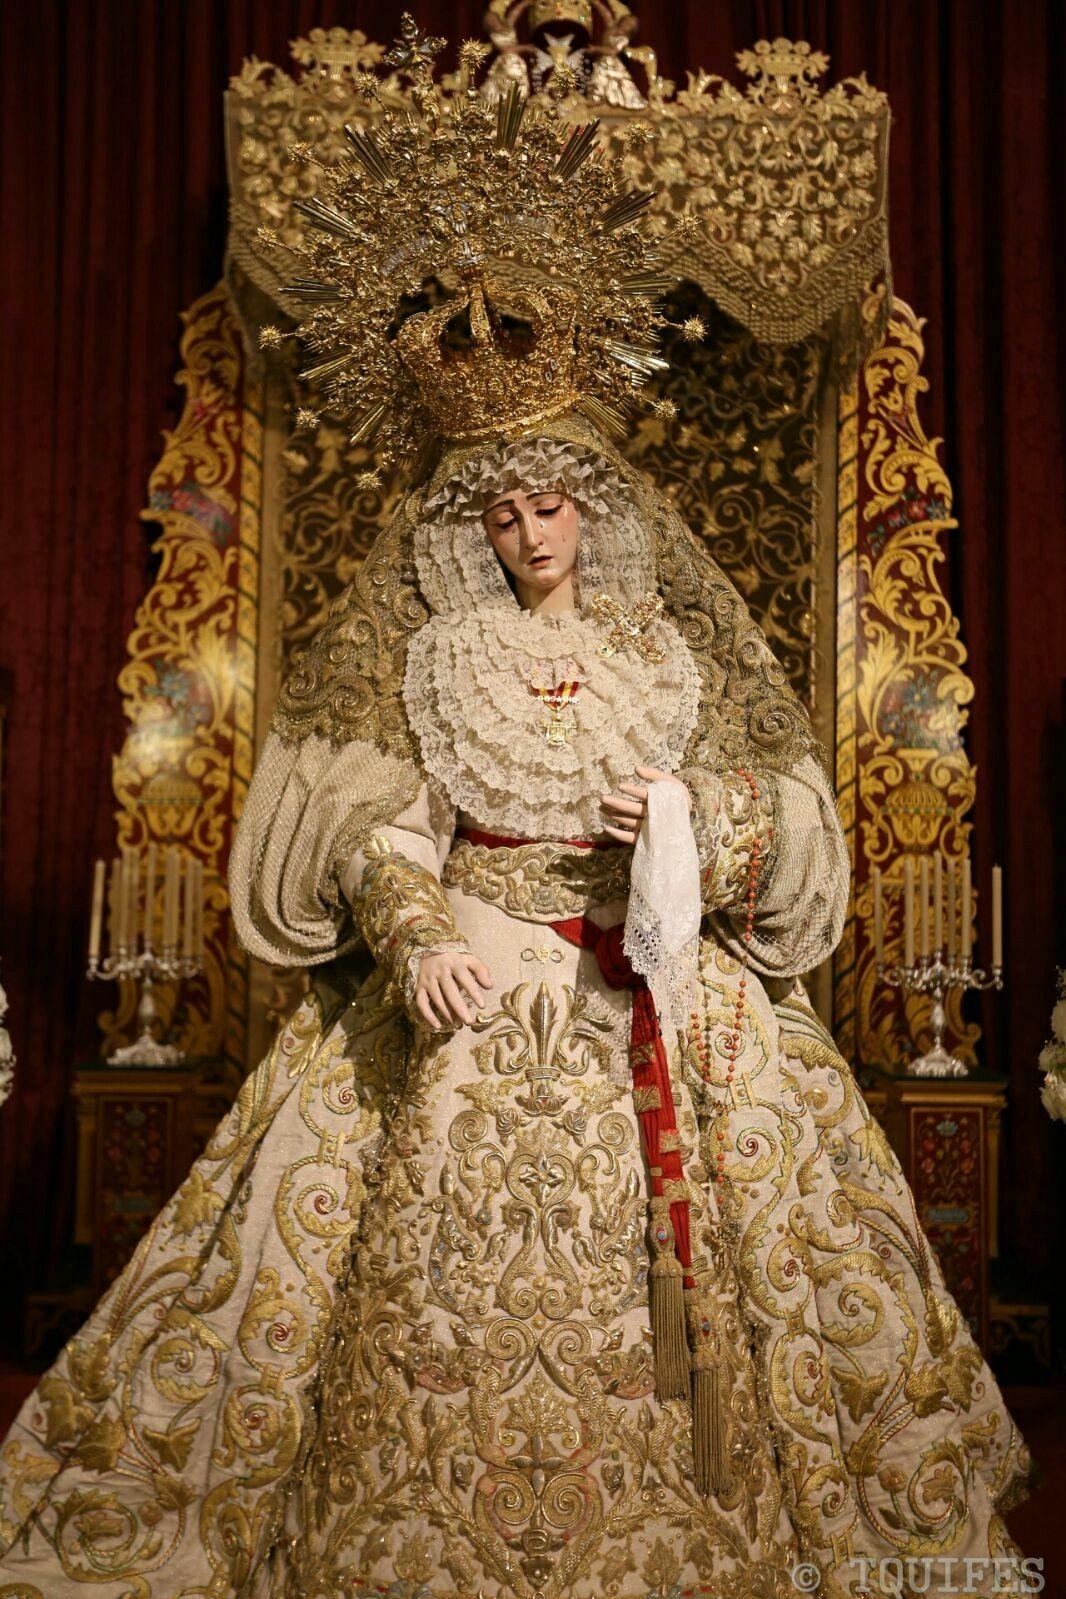 Maria Santisima Del Rosario En Sus Misterios Dolorosos Coronada Hermandad De Montesion O De El Monte Sion Imagen Ano Virgencita Virgen Maria Virgen Dolorosa